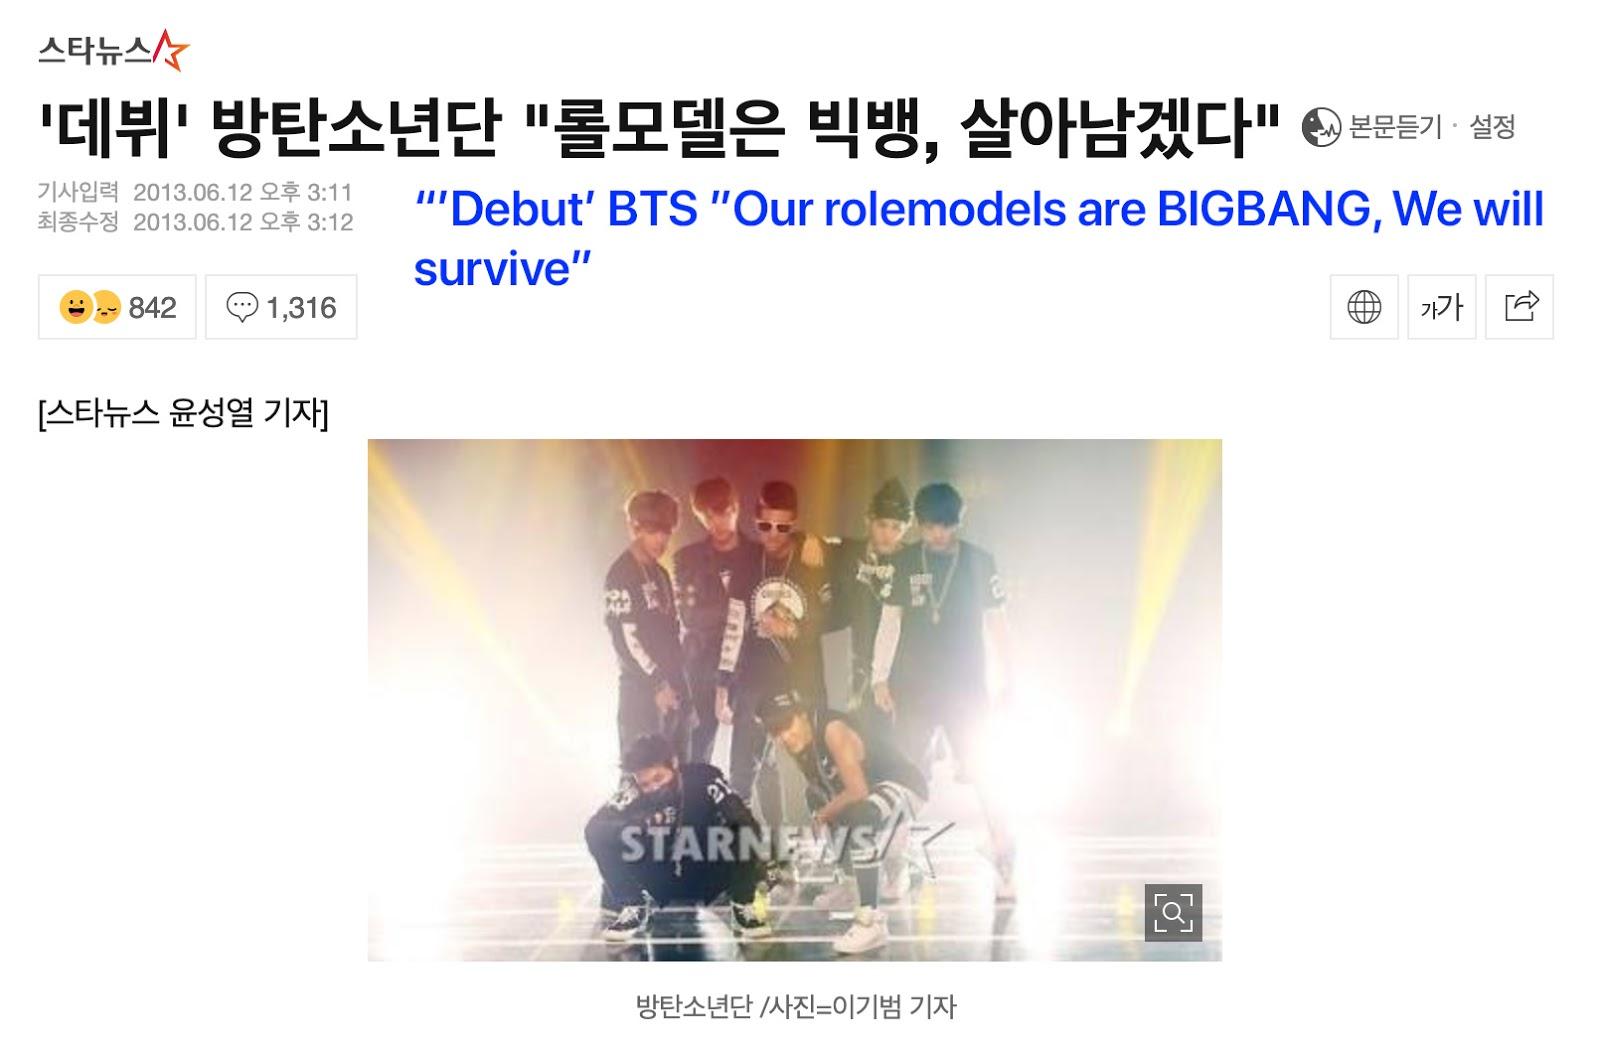 отчет о дебюте BTS